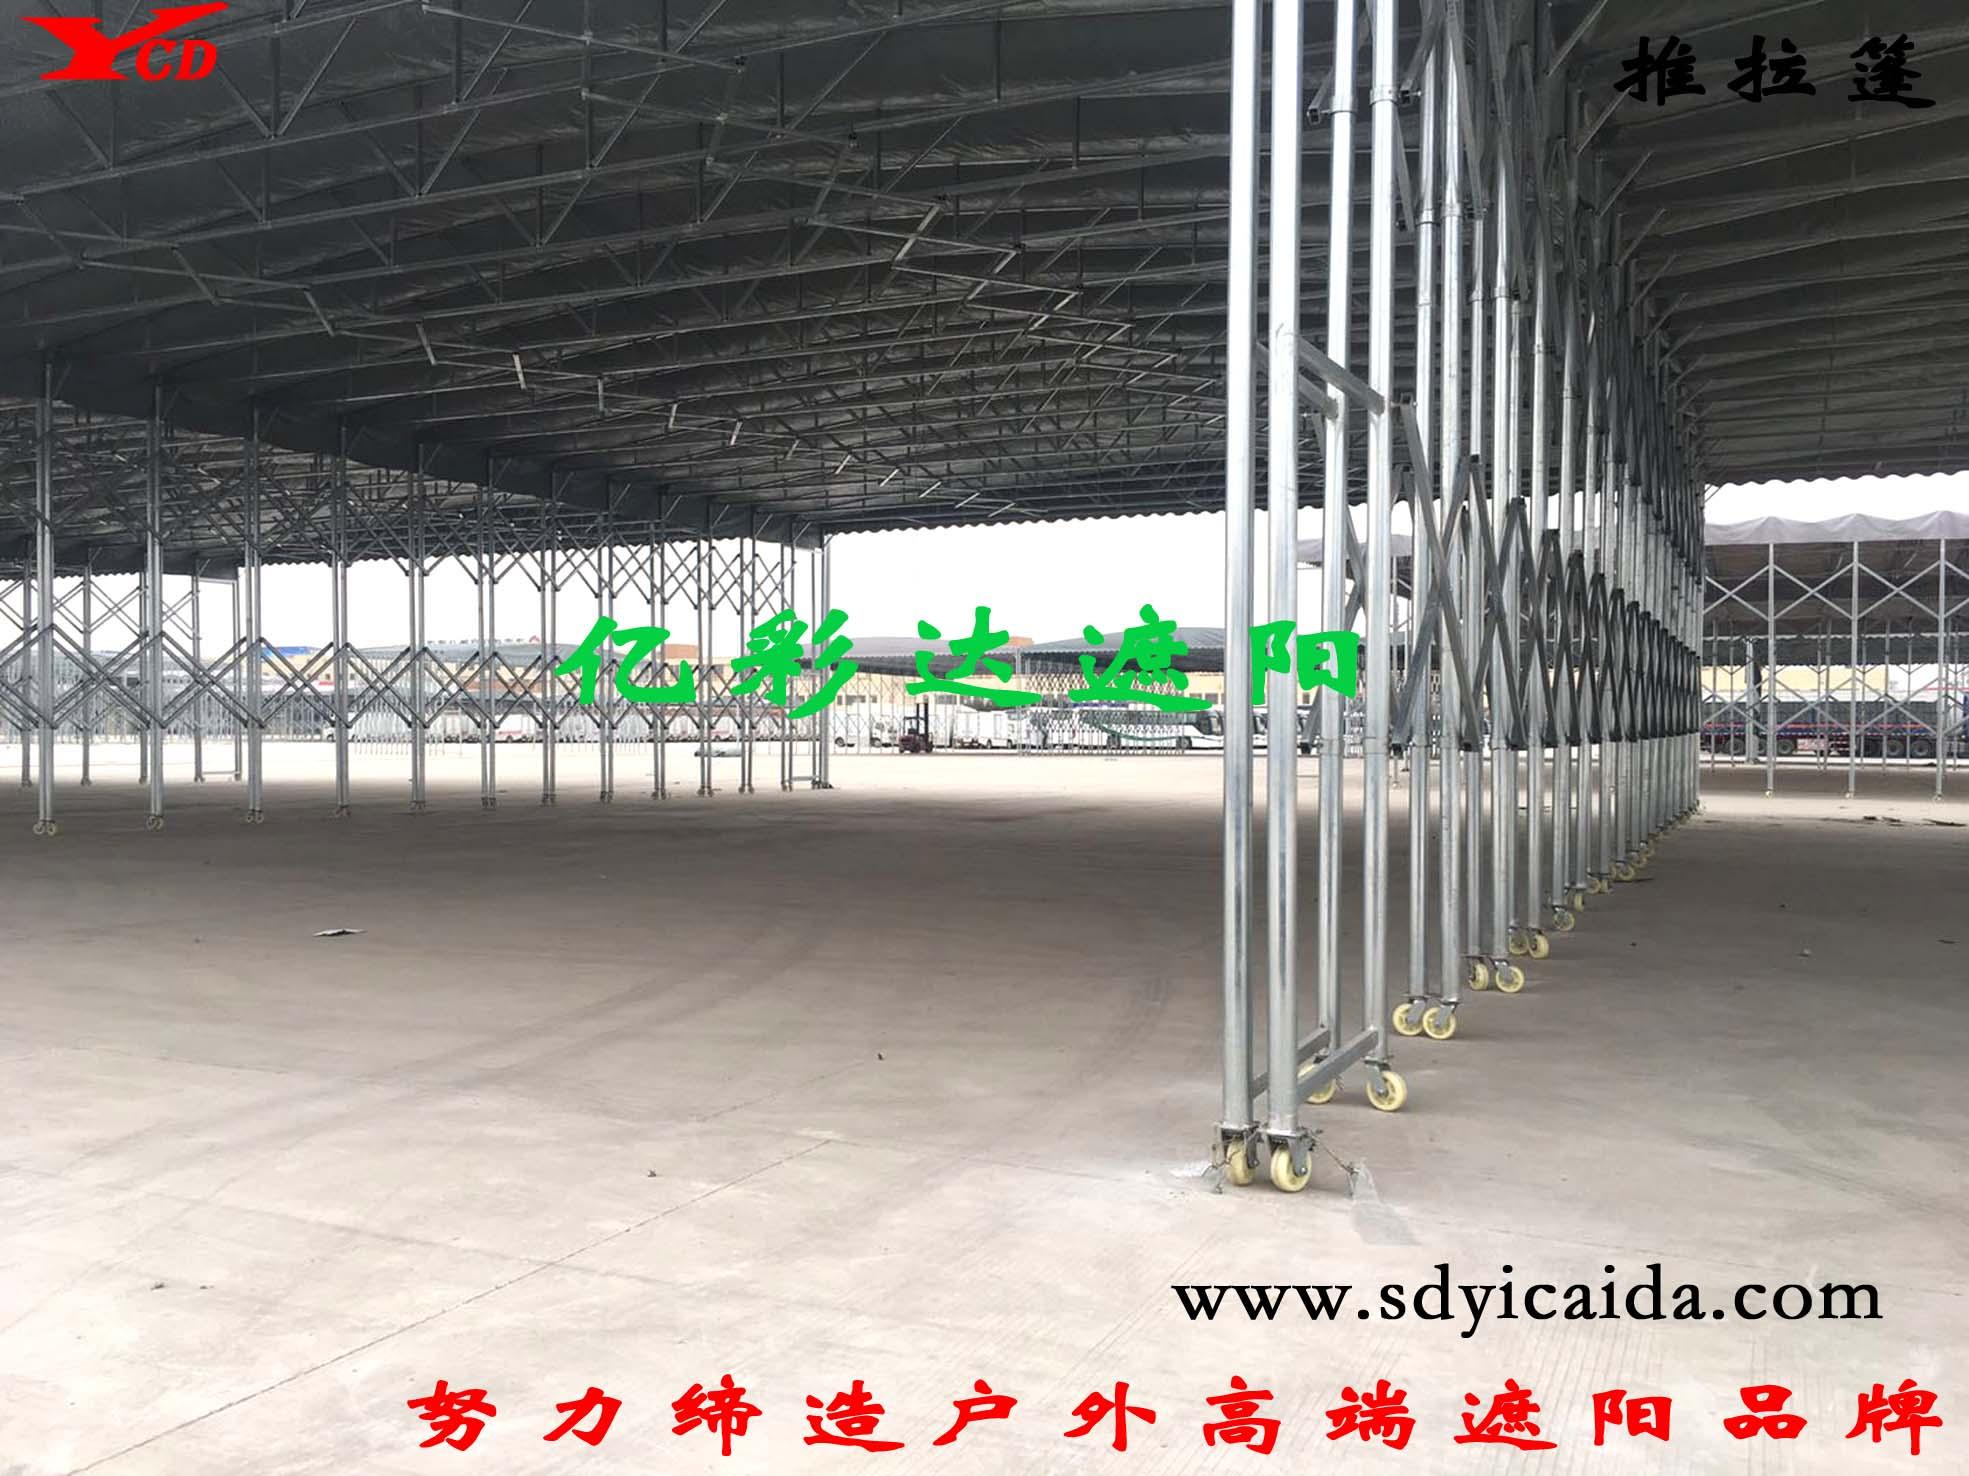 超大推拉篷 推拉篷-山东亿彩达遮阳节能科技有限公司